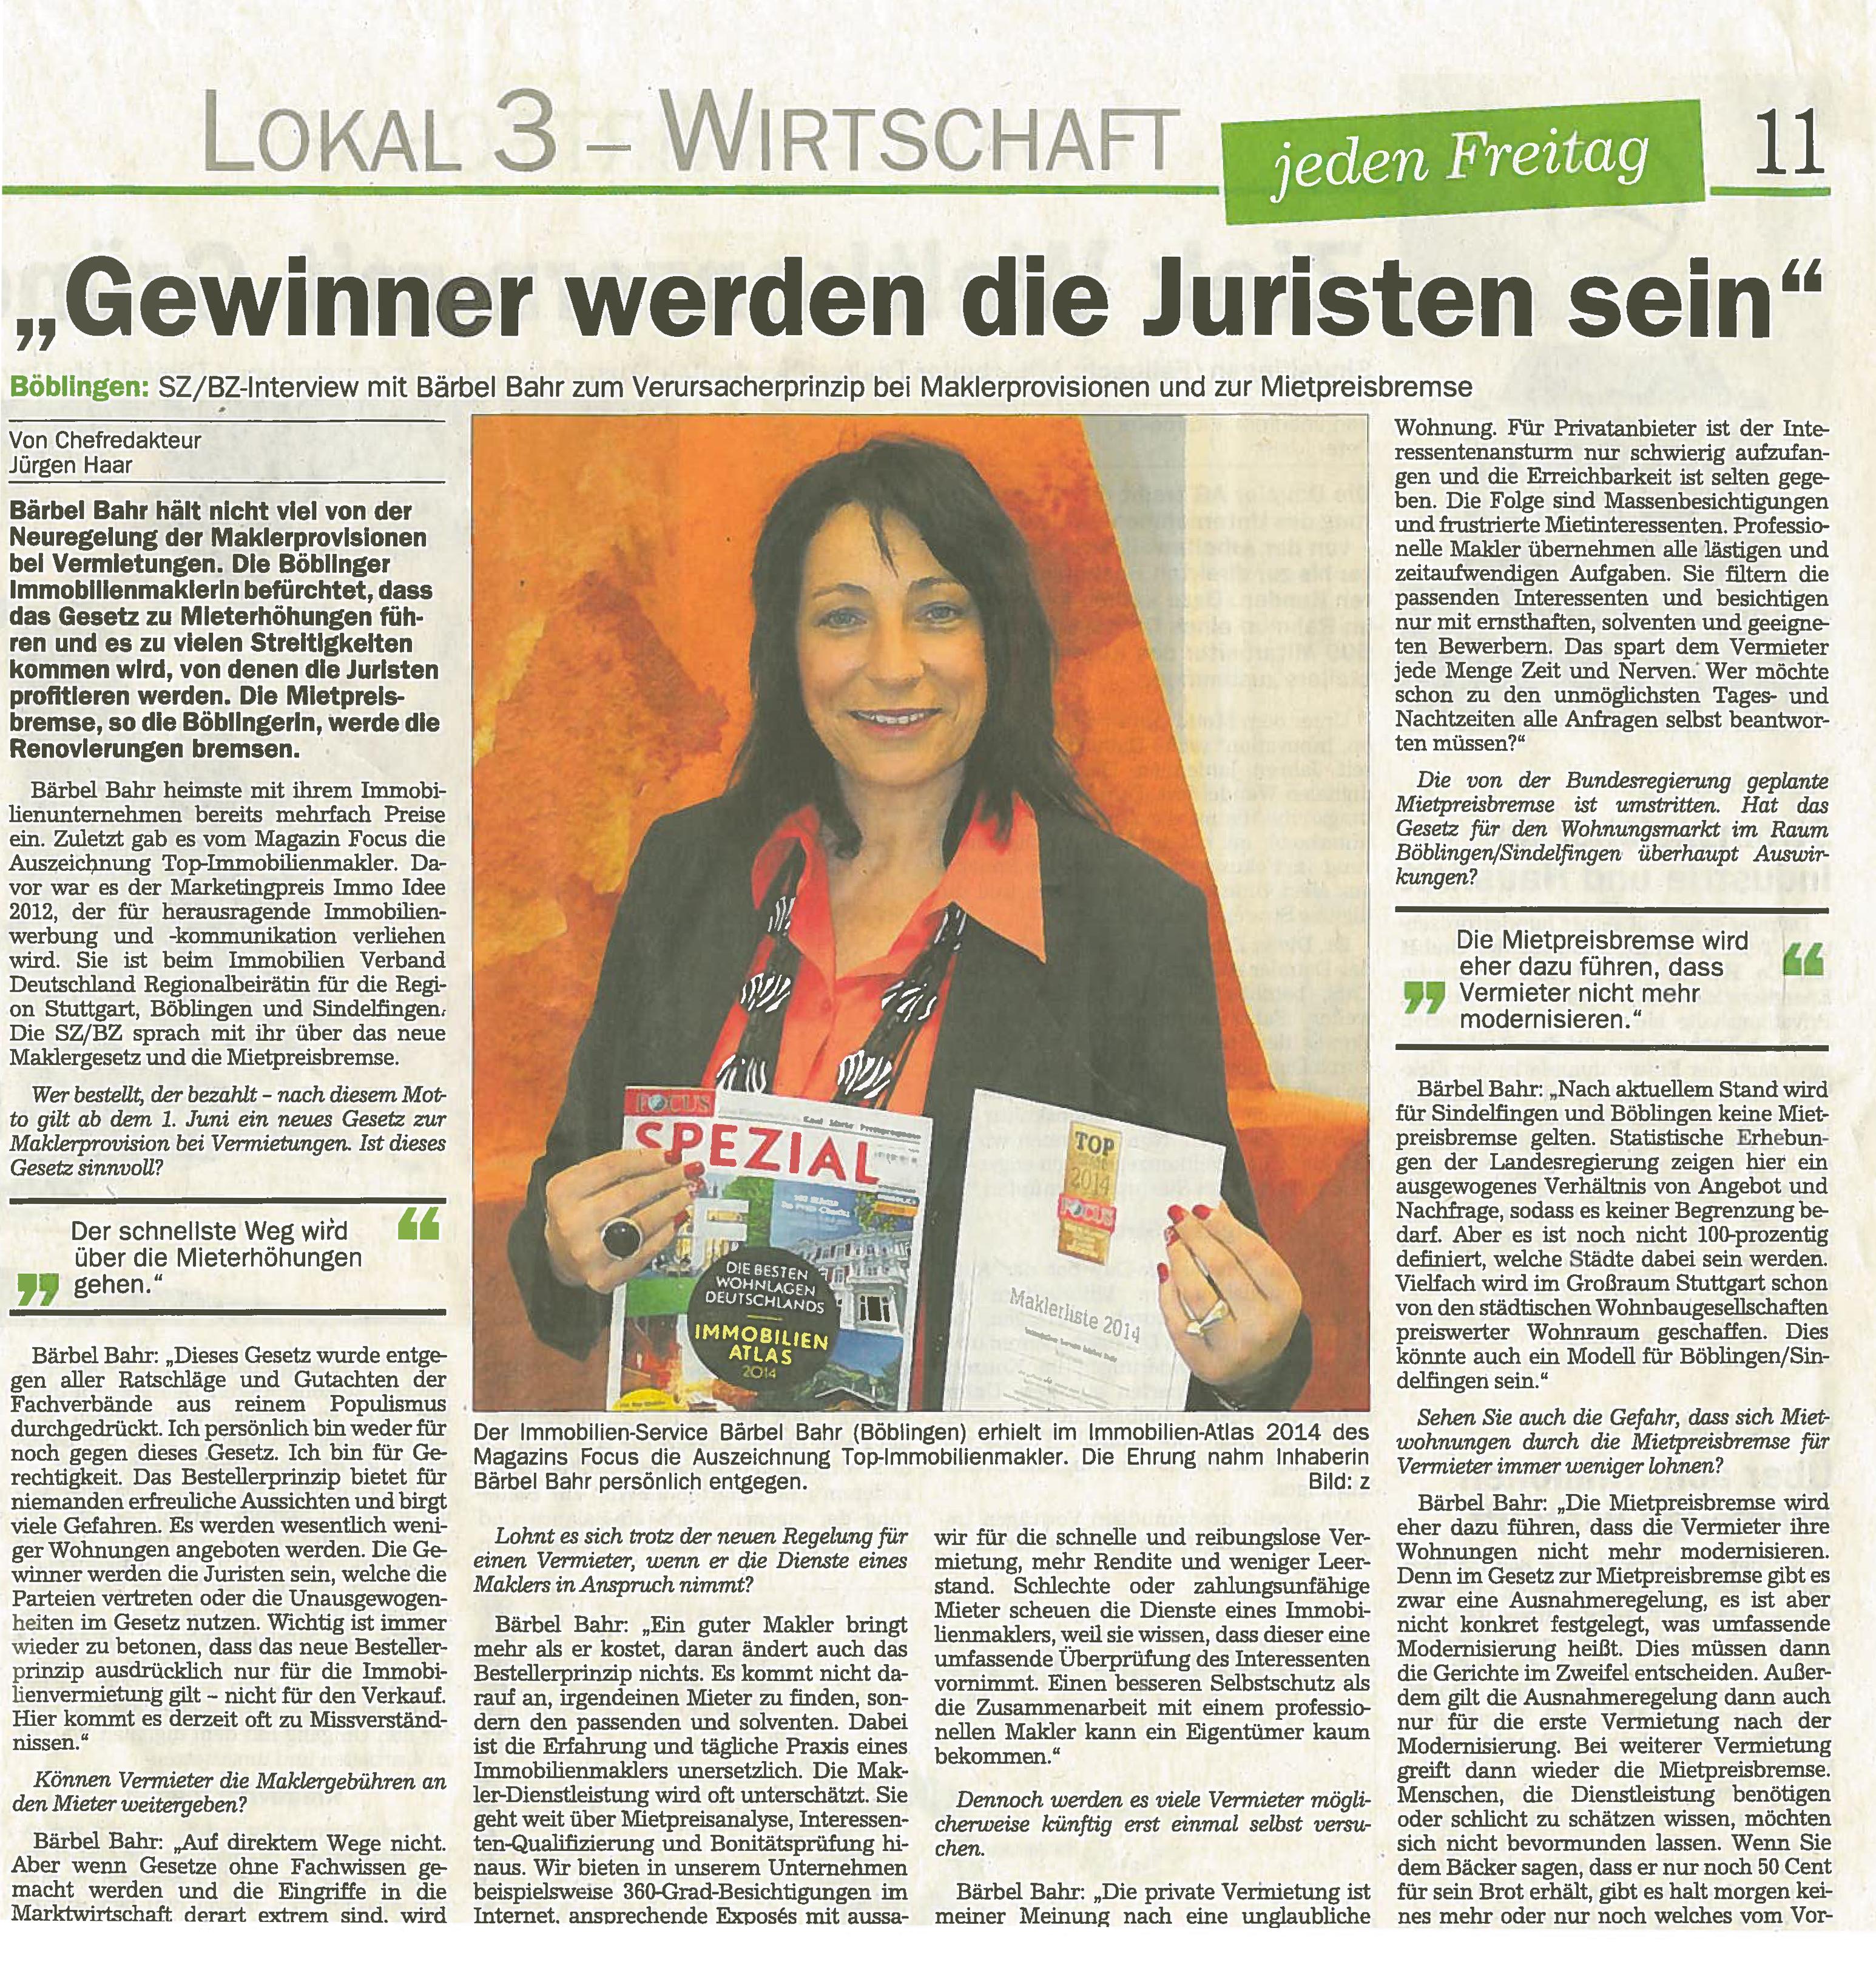 2015-05-29_Bericht_SZBZ